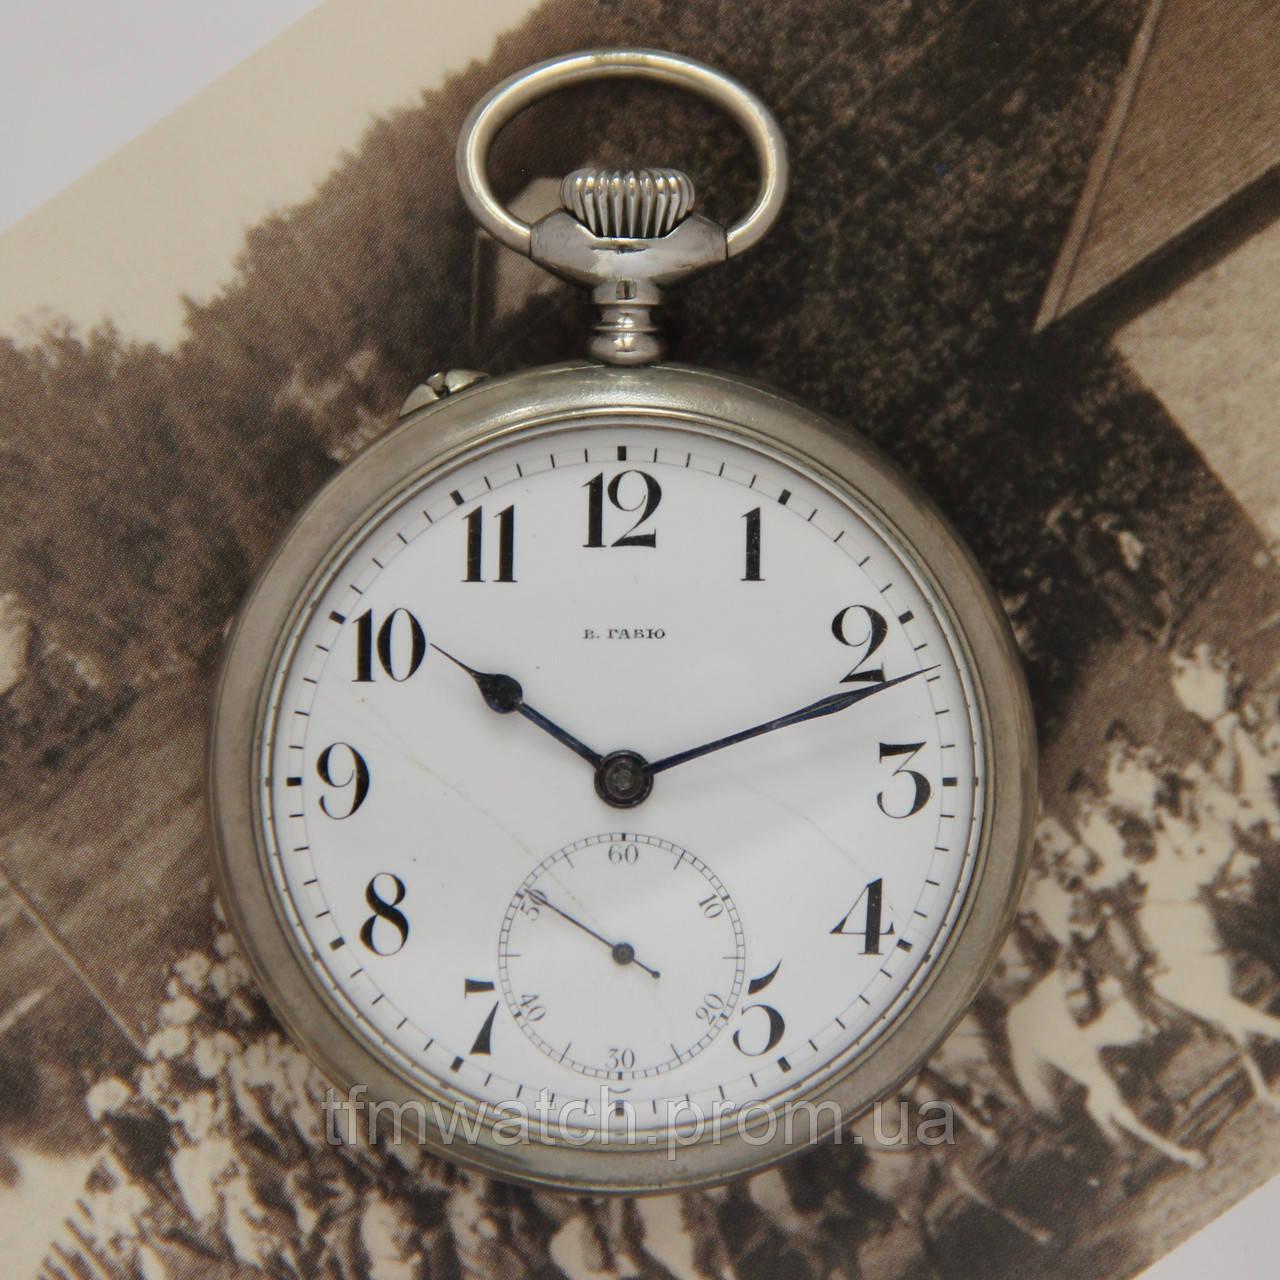 Часов габю стоимость в выгодно продать можно часы где